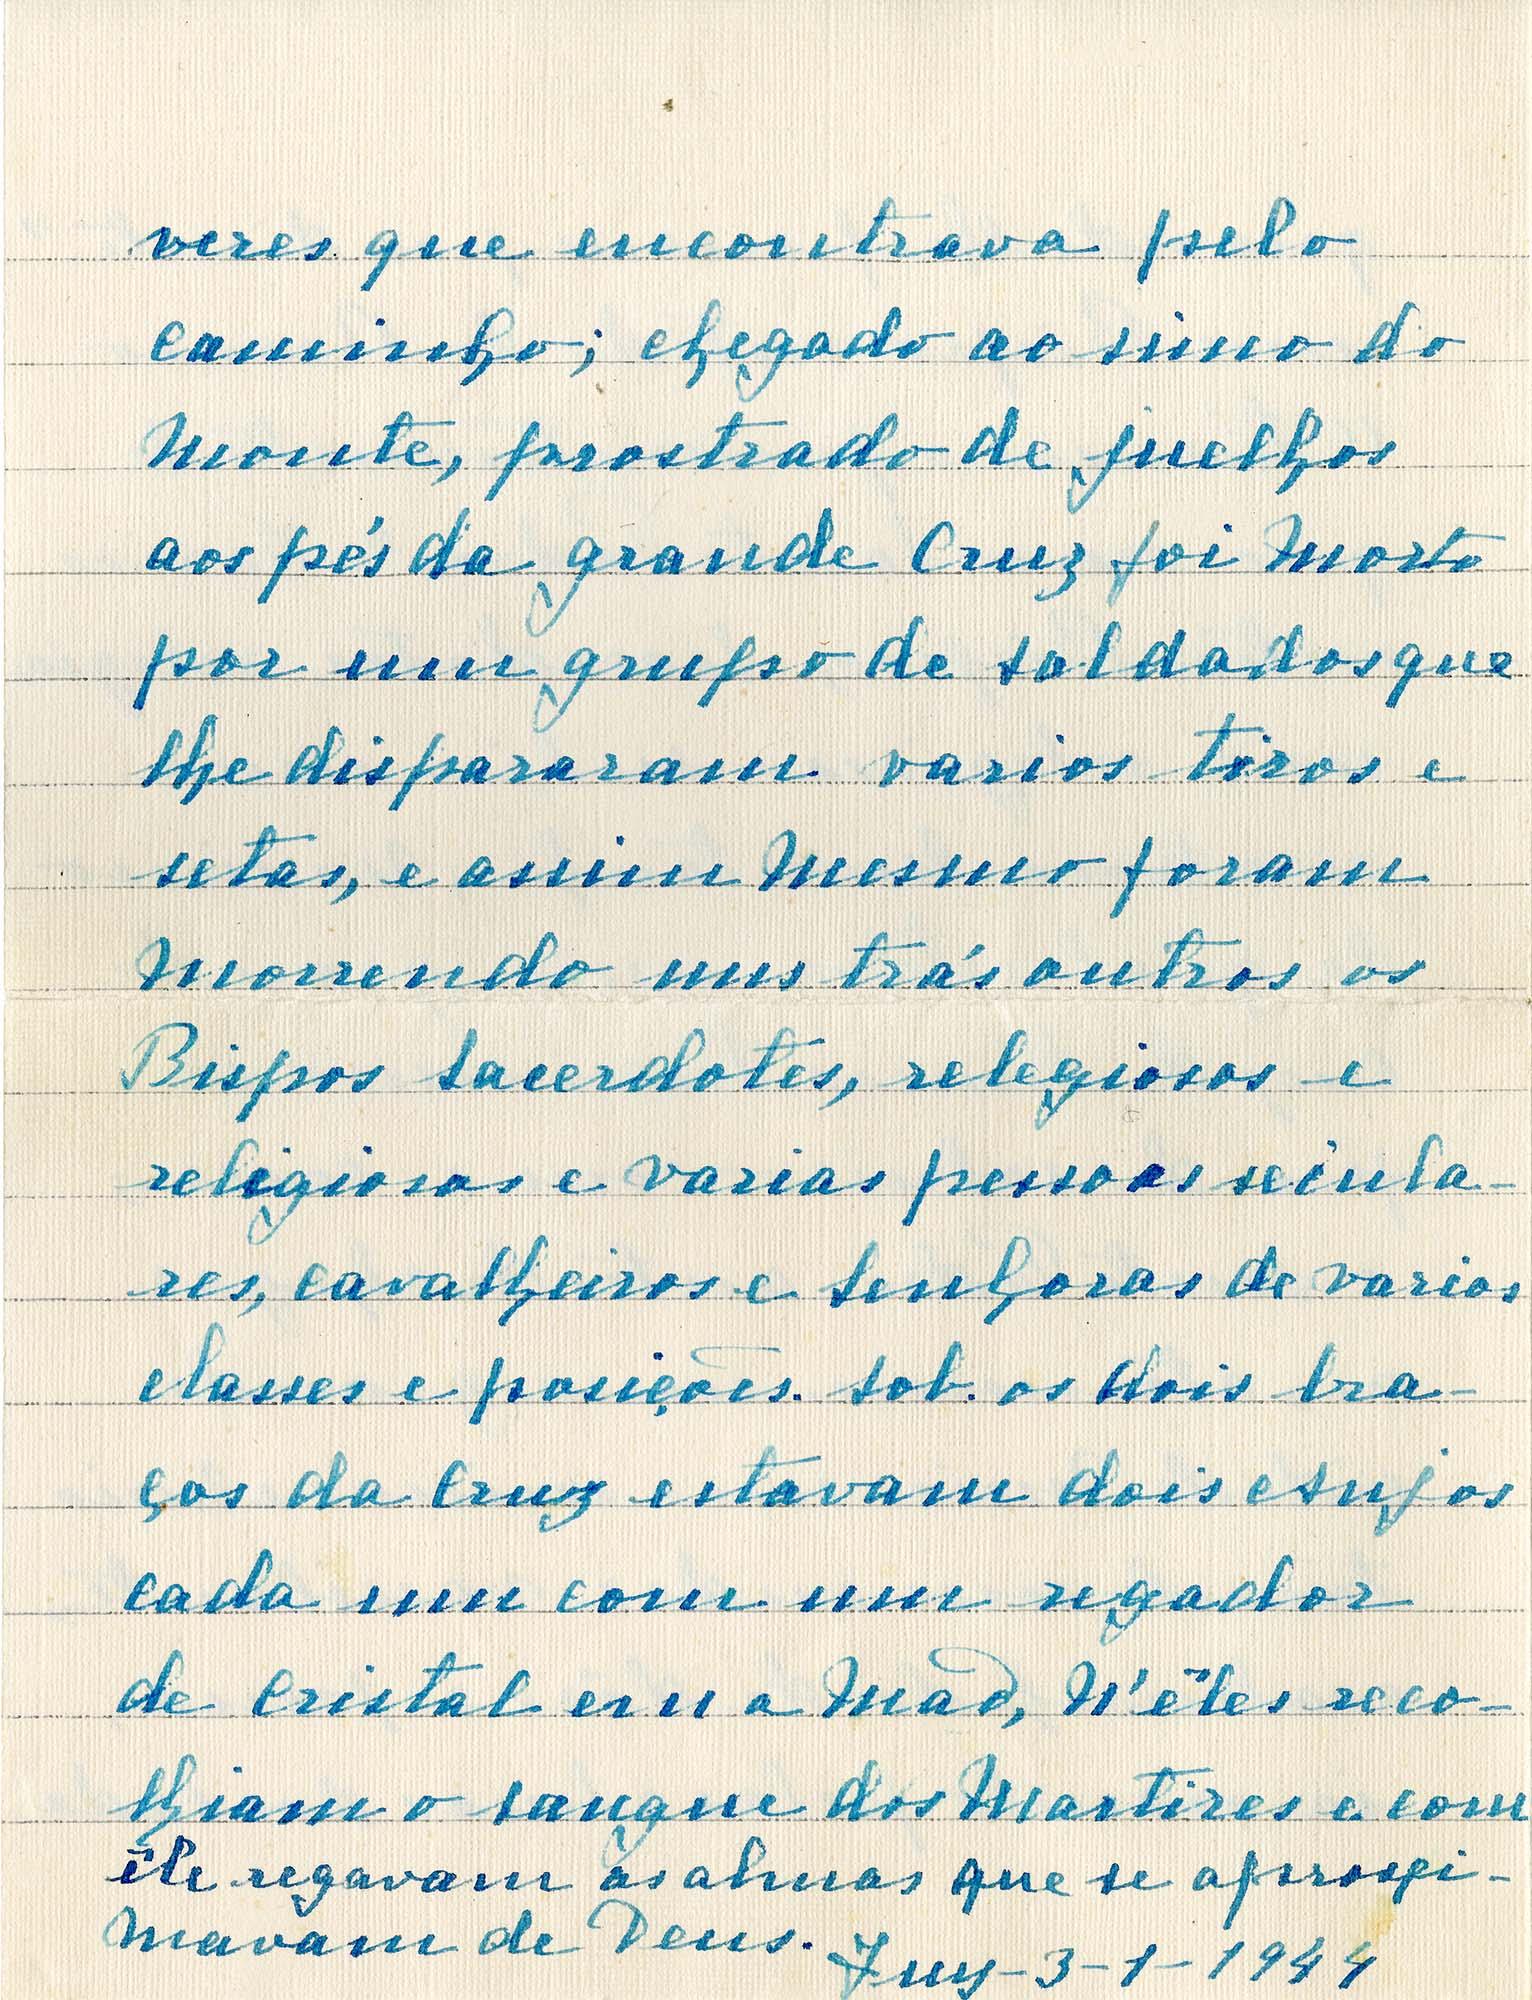 Transcripción del manuscrito